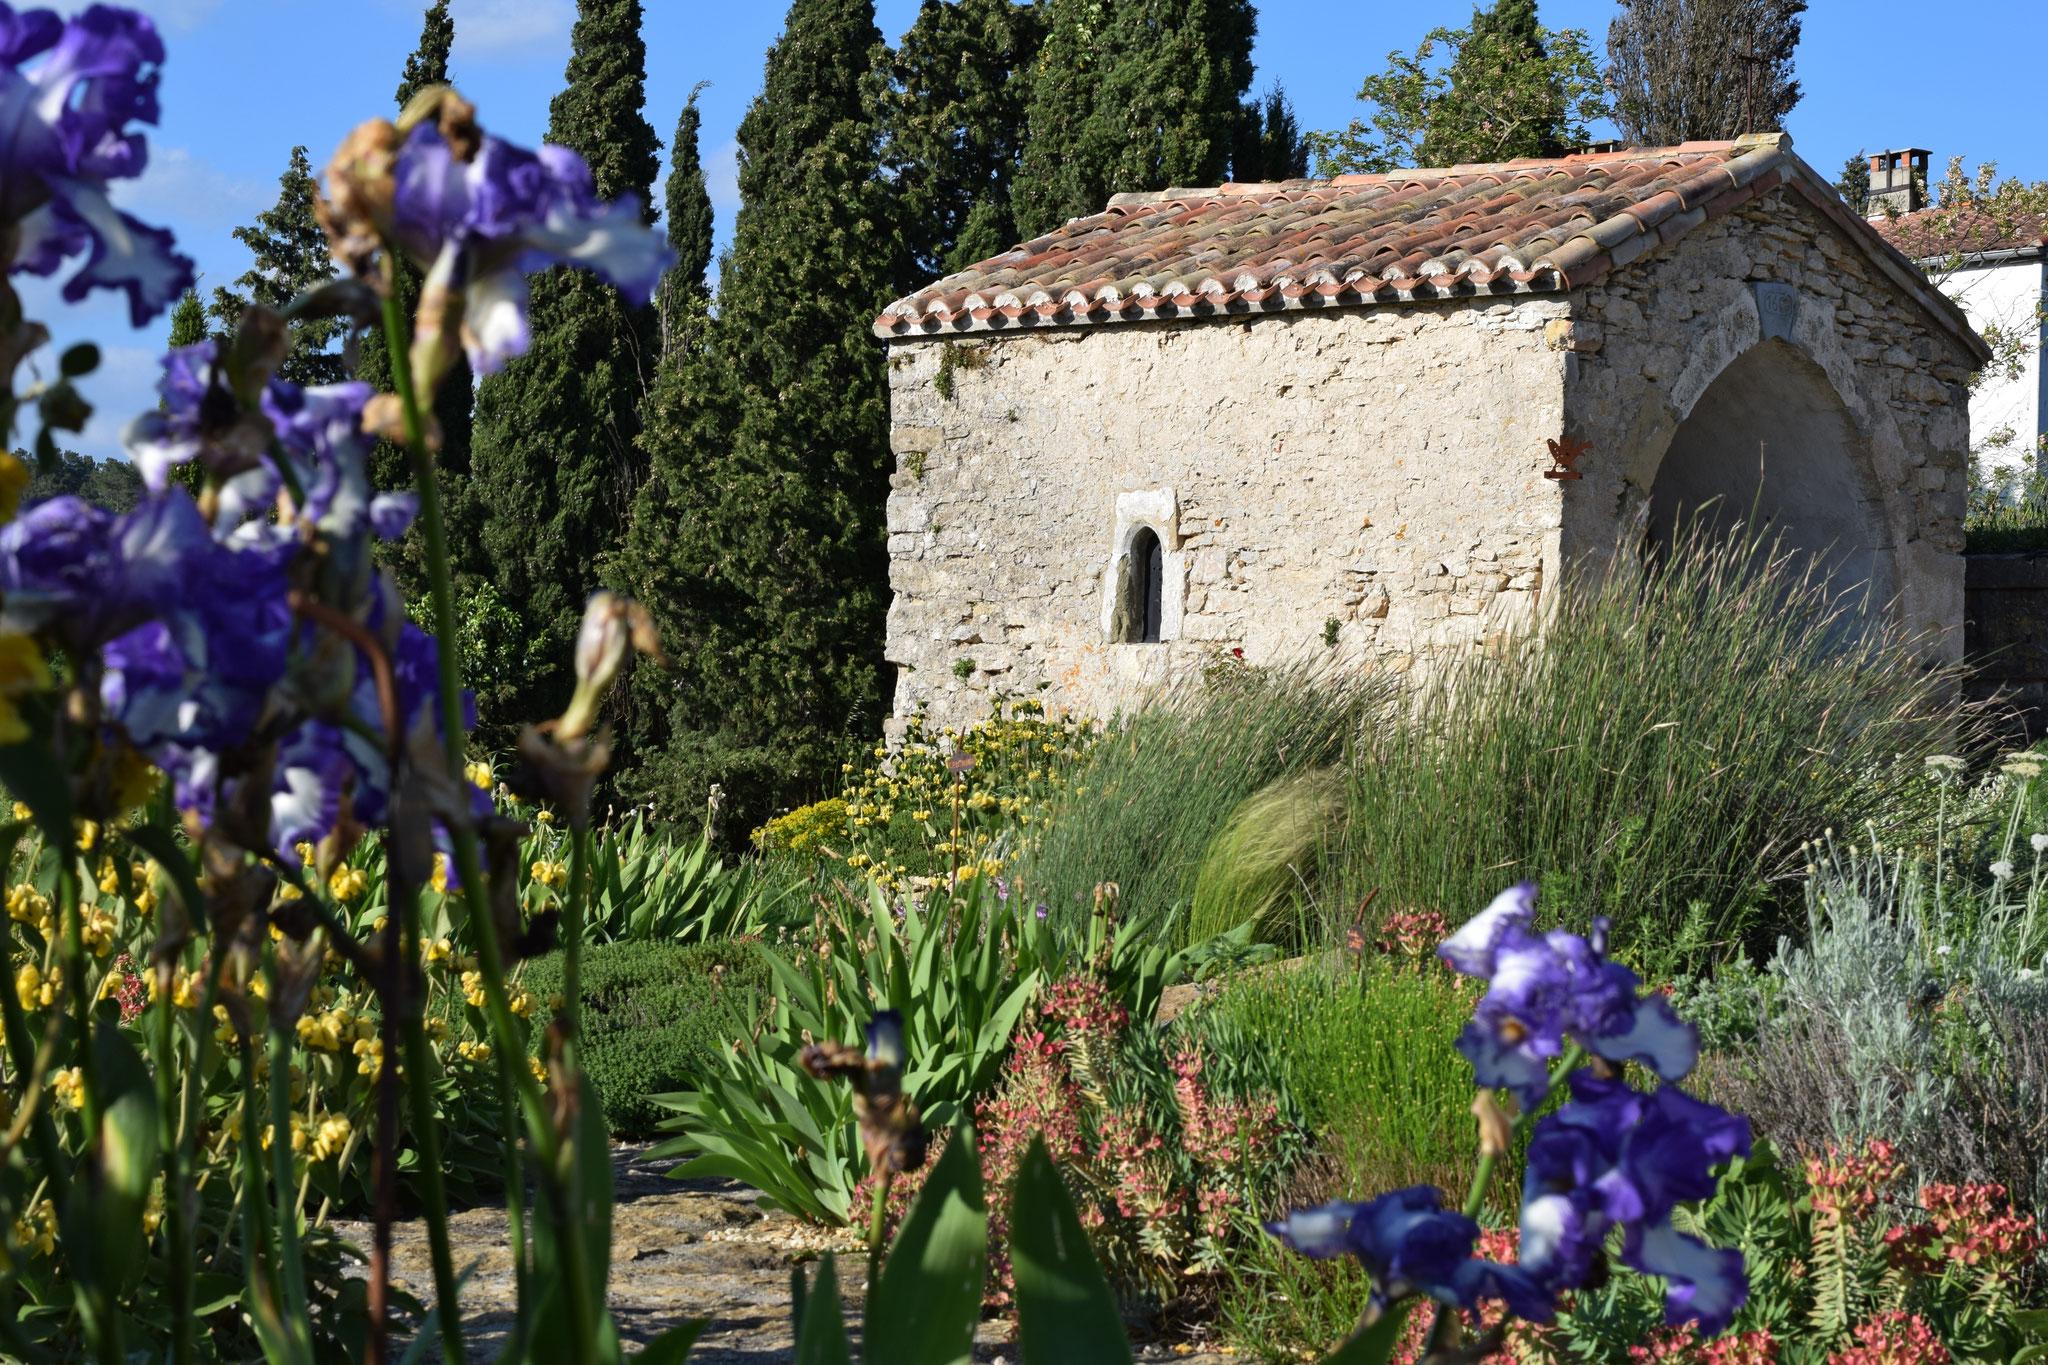 Les tours et la rosace site jimdo de smlv11 for Au jardin de la tour carcassonne